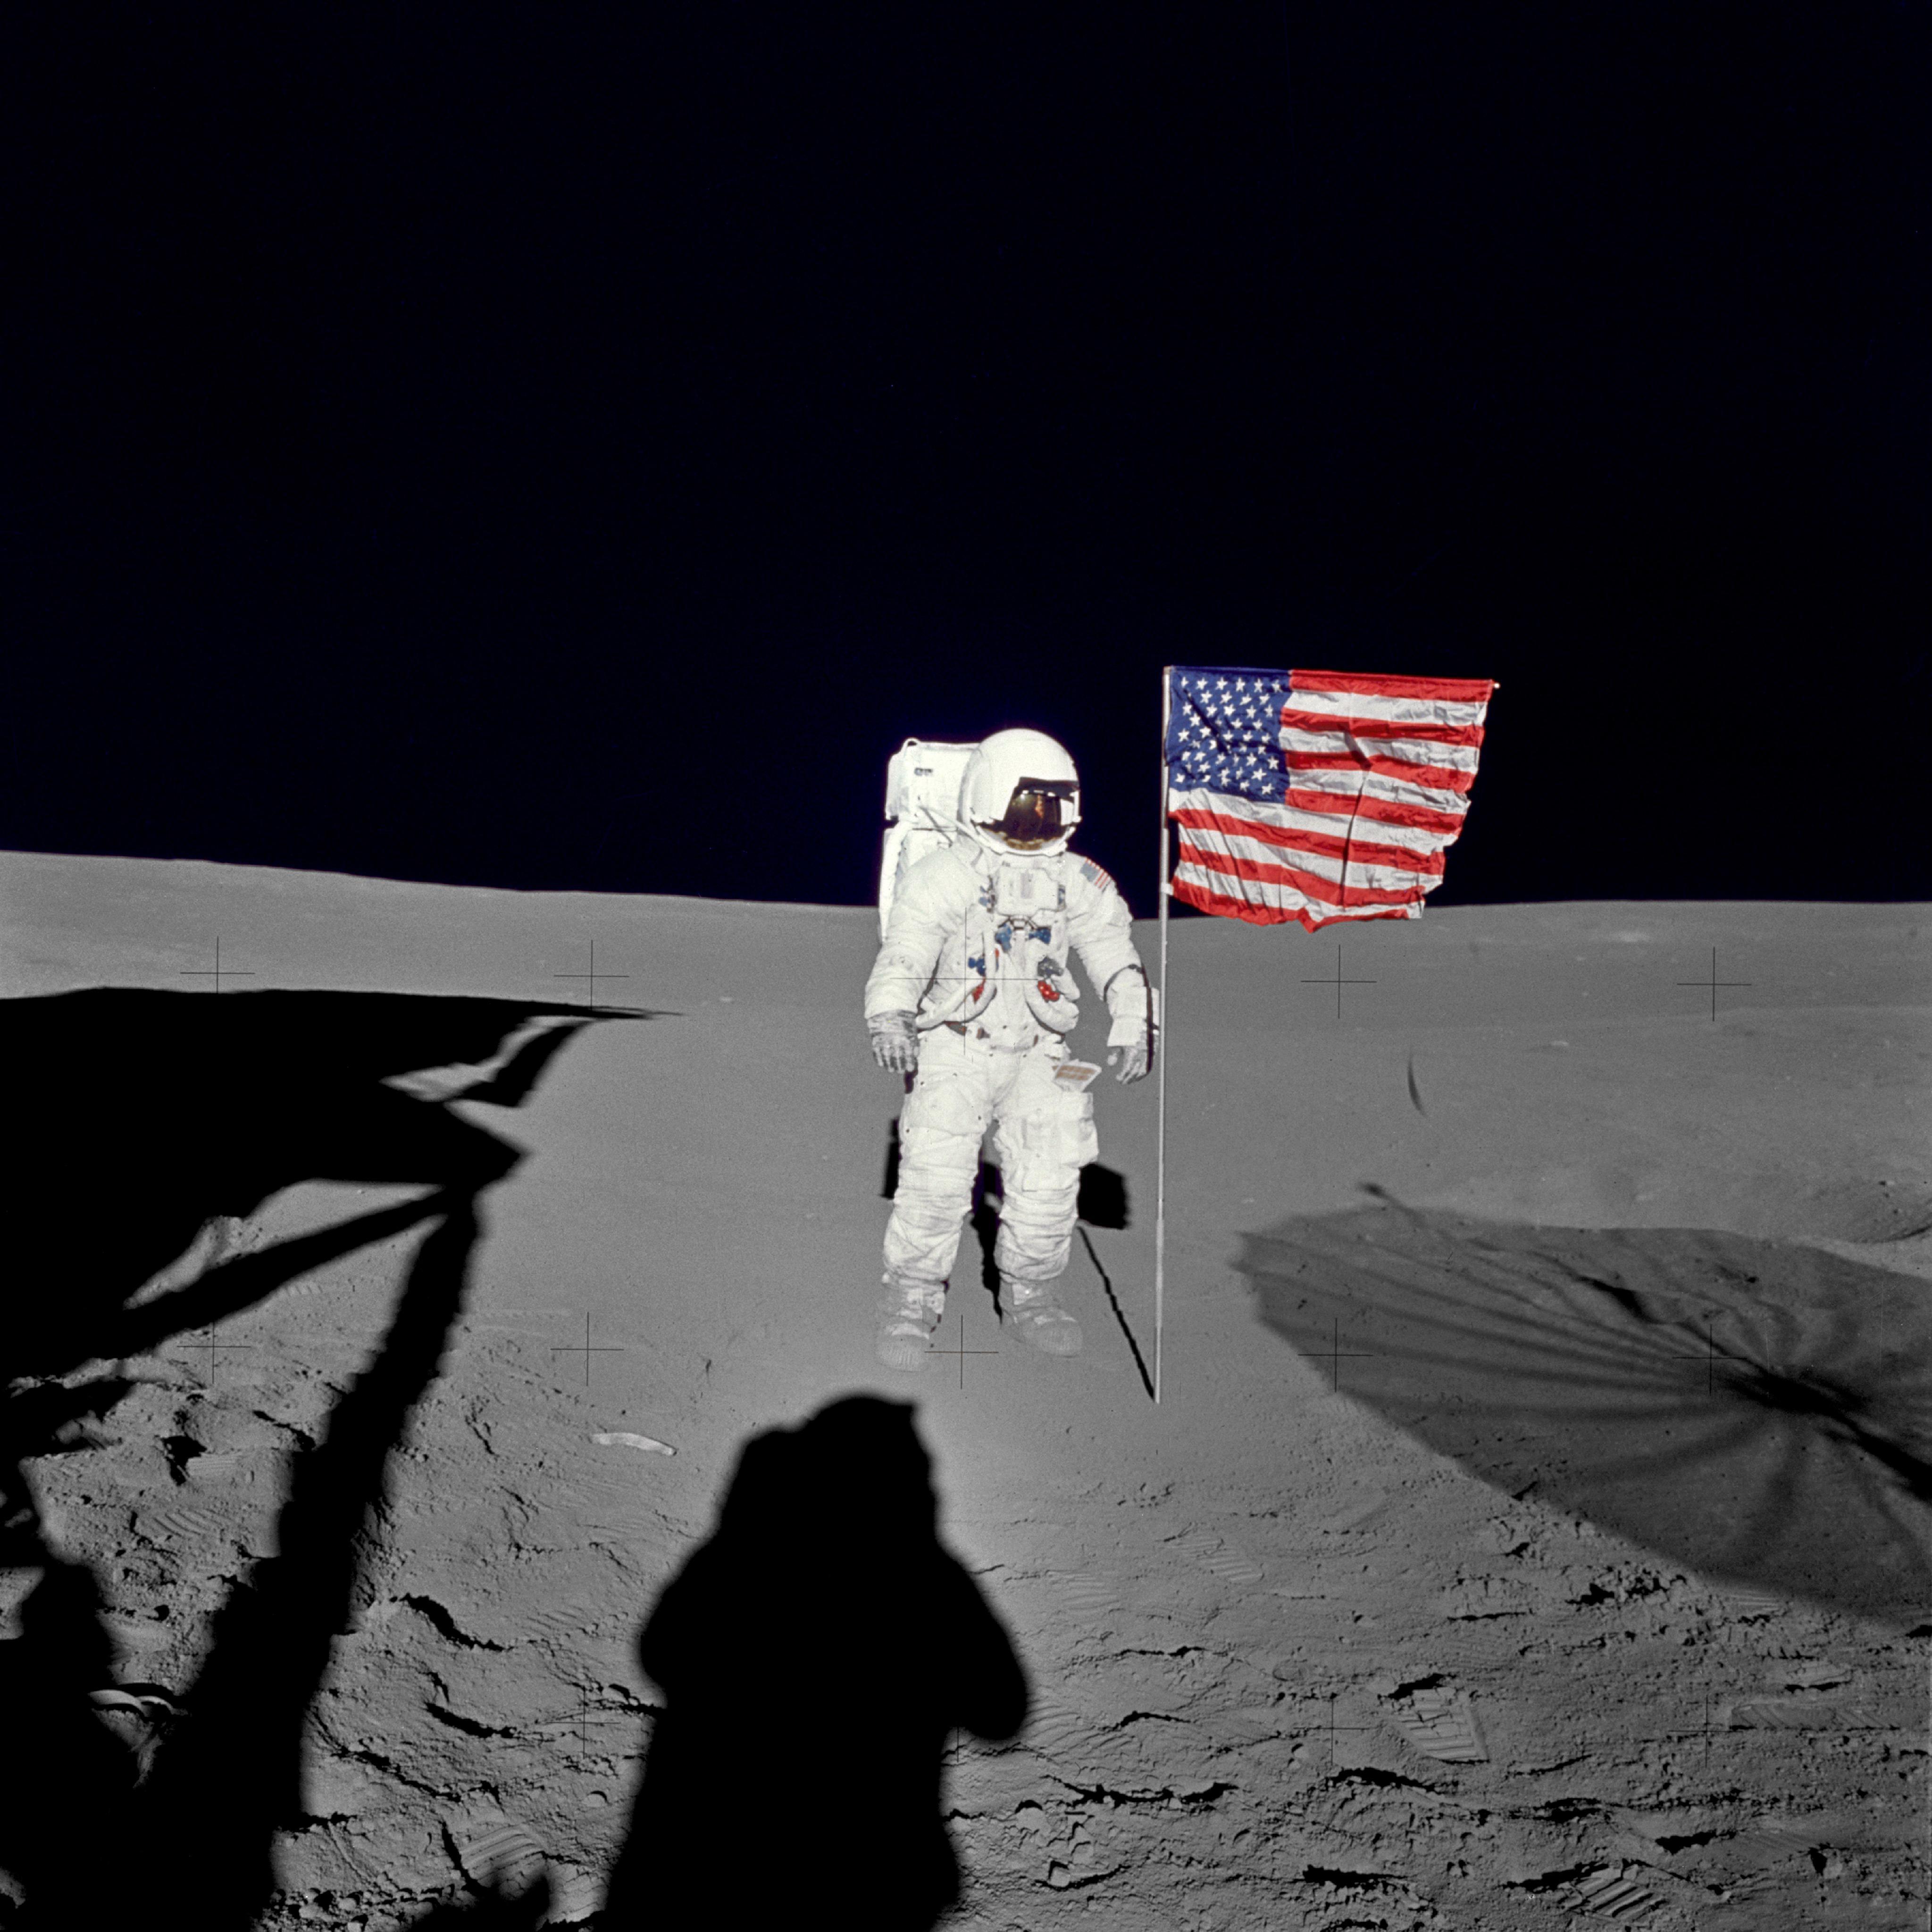 月面のエドガー・ミッチェル宇宙飛行士